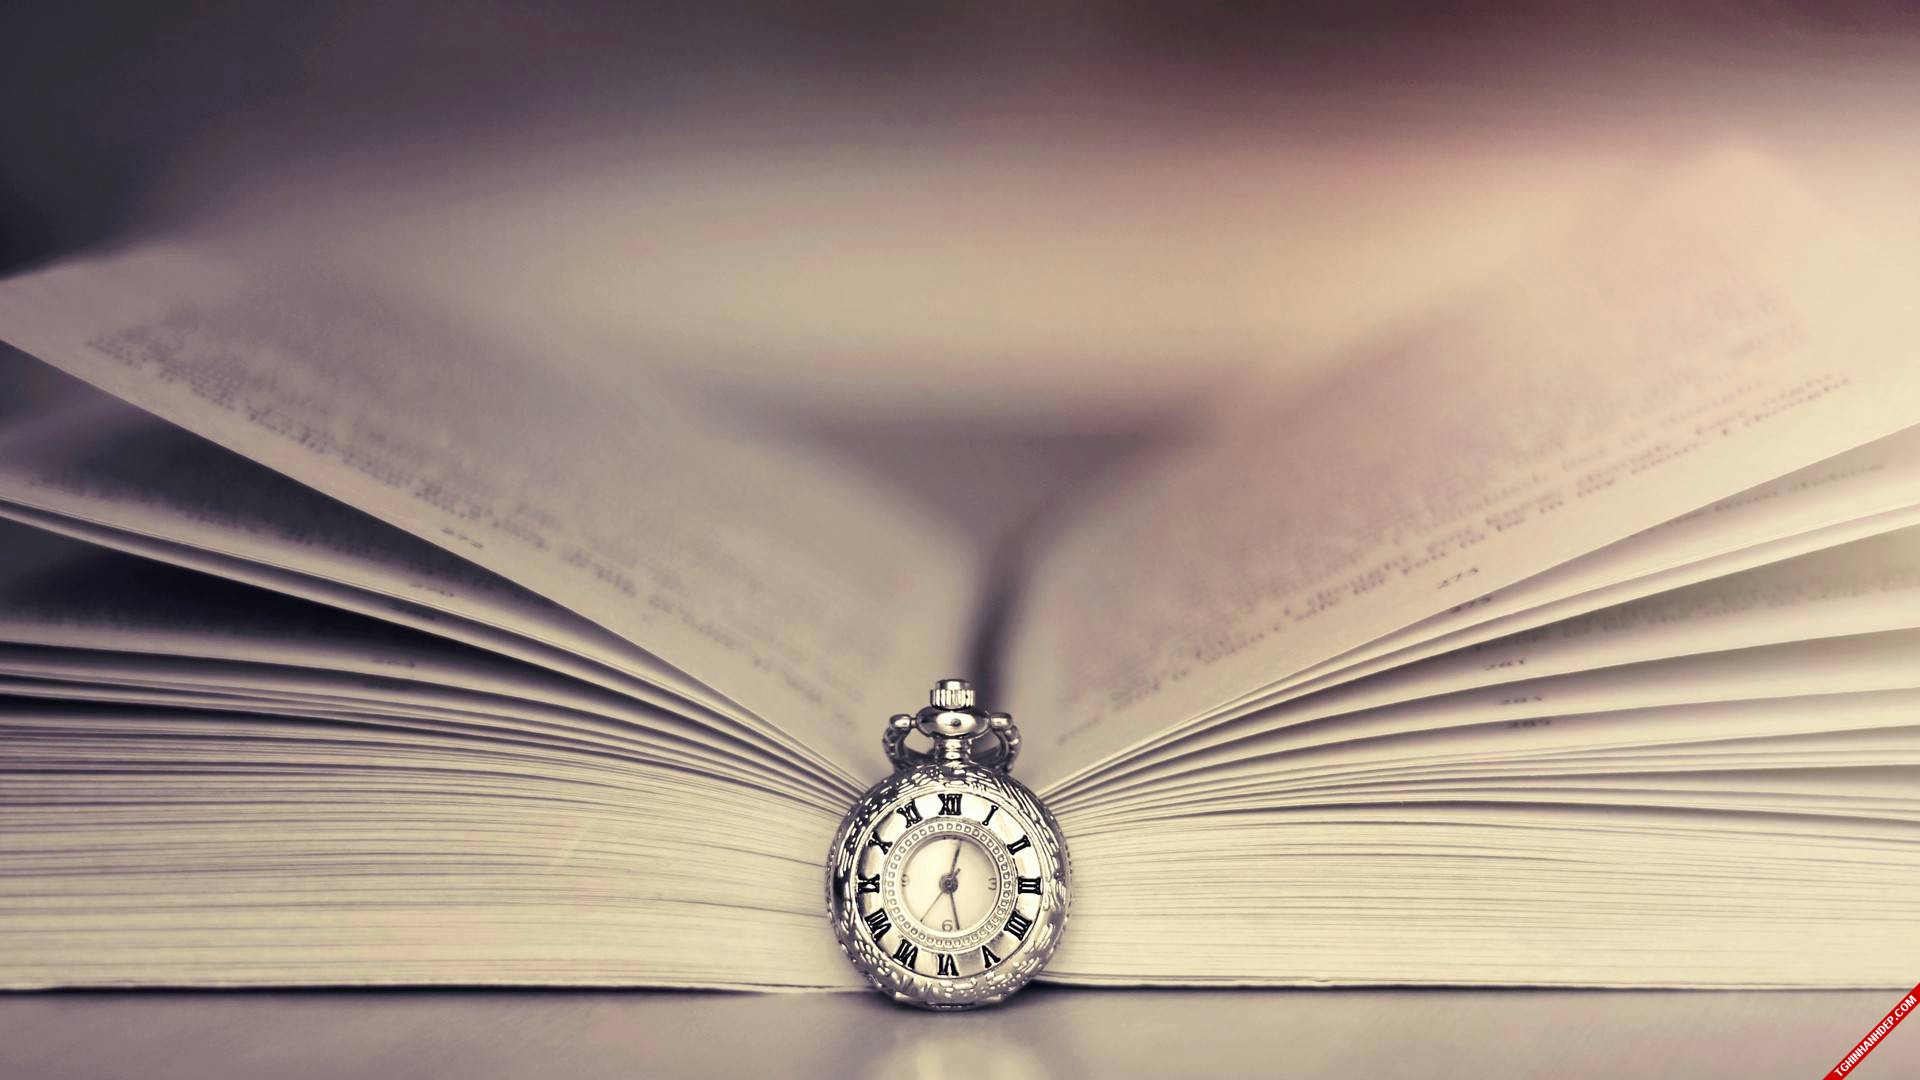 Đồng hồ Thụy Sỹ - món quà ý nghĩa